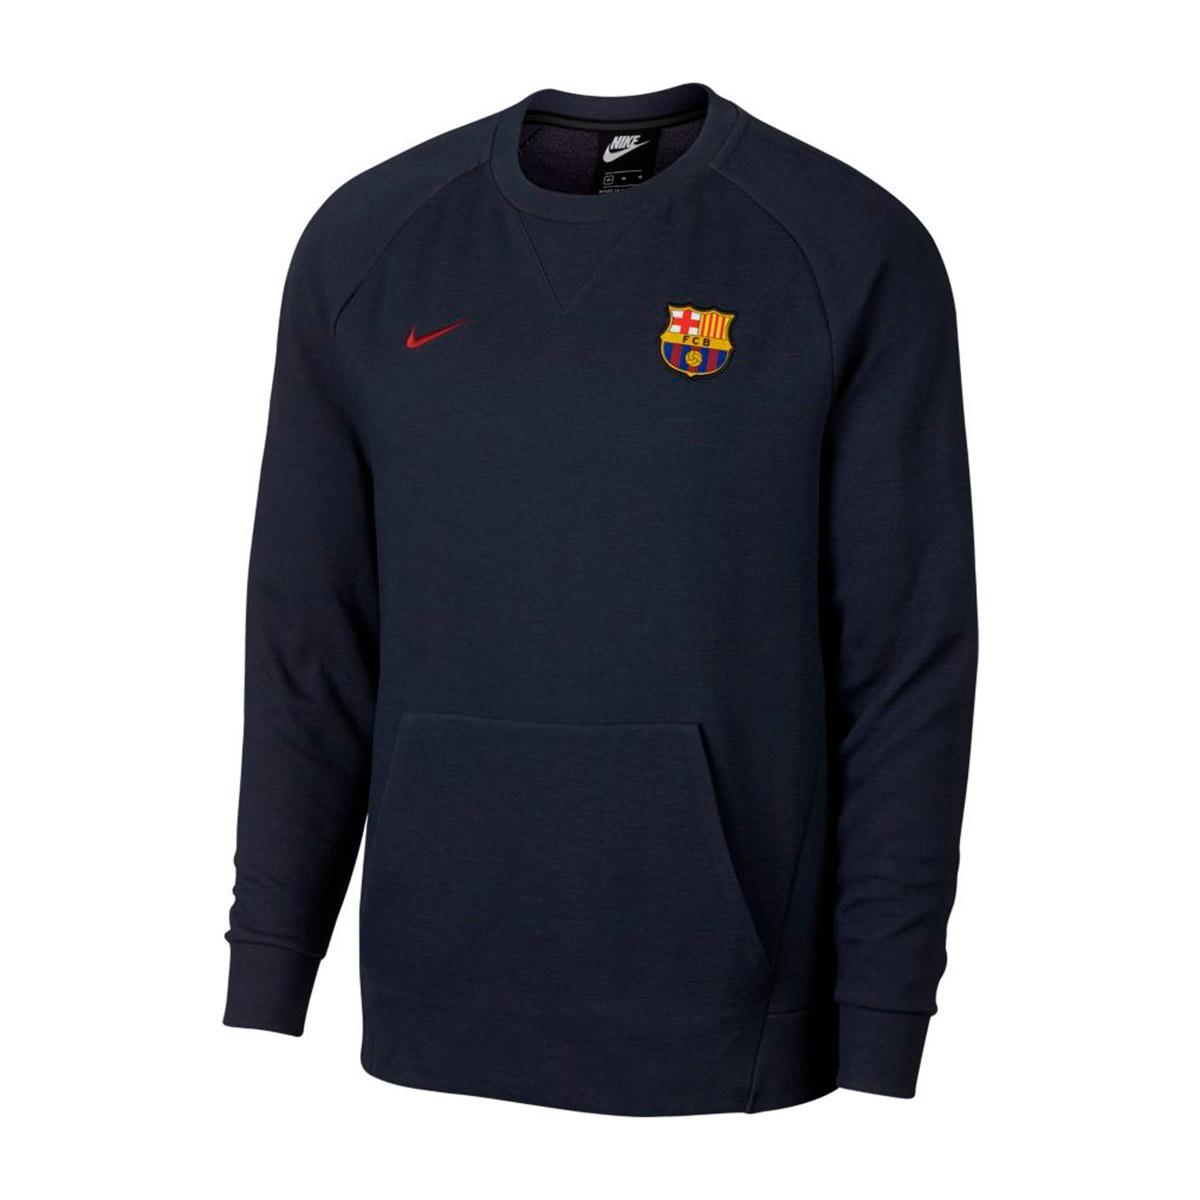 ca832e3b9aede Sudadera Nike Sportswear FC Barcelona 2018-2019 Obsidian-Cobalt tint-Noble  red - Tienda de fútbol Fútbol Emotion